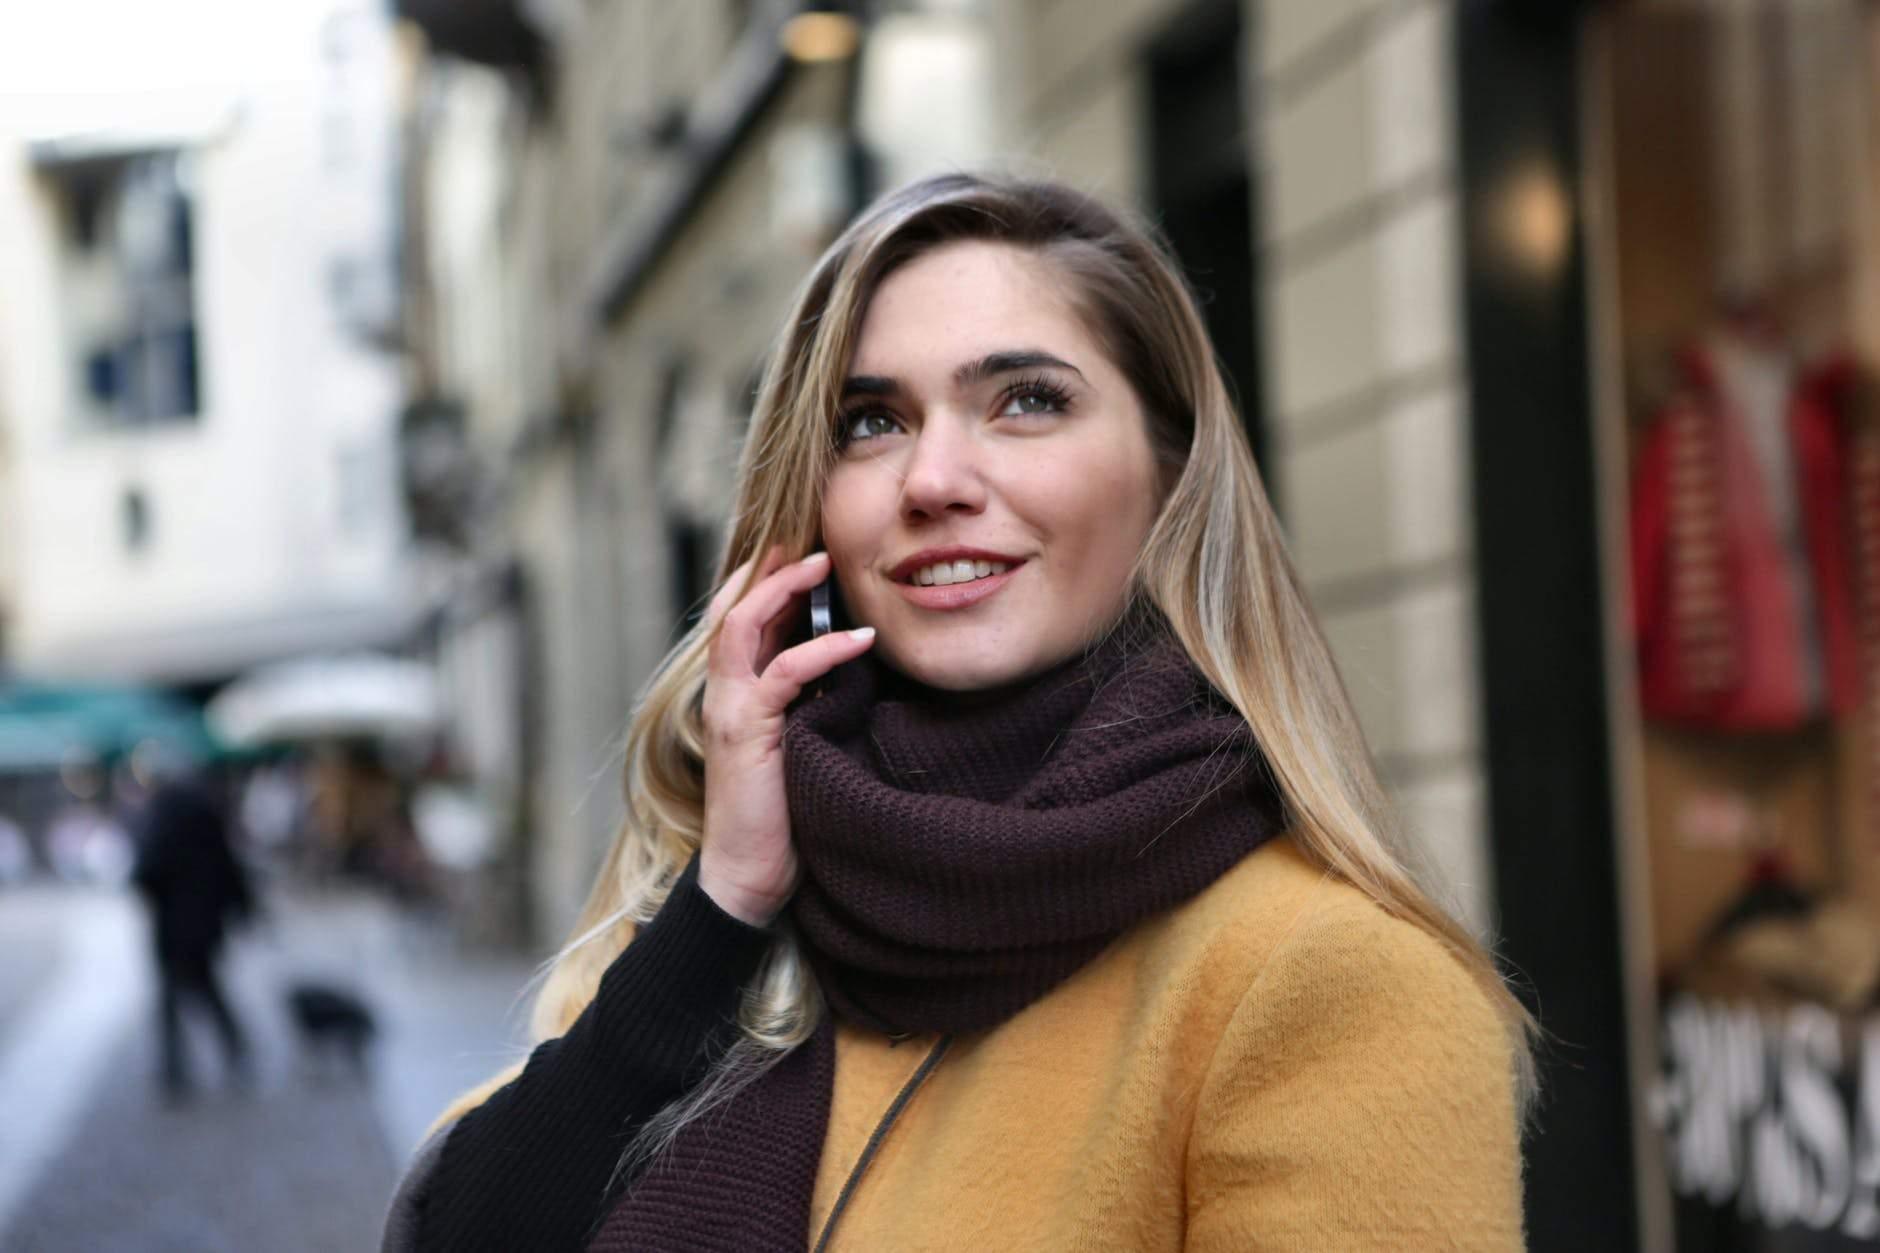 Гуляйте під час розмов по телефону